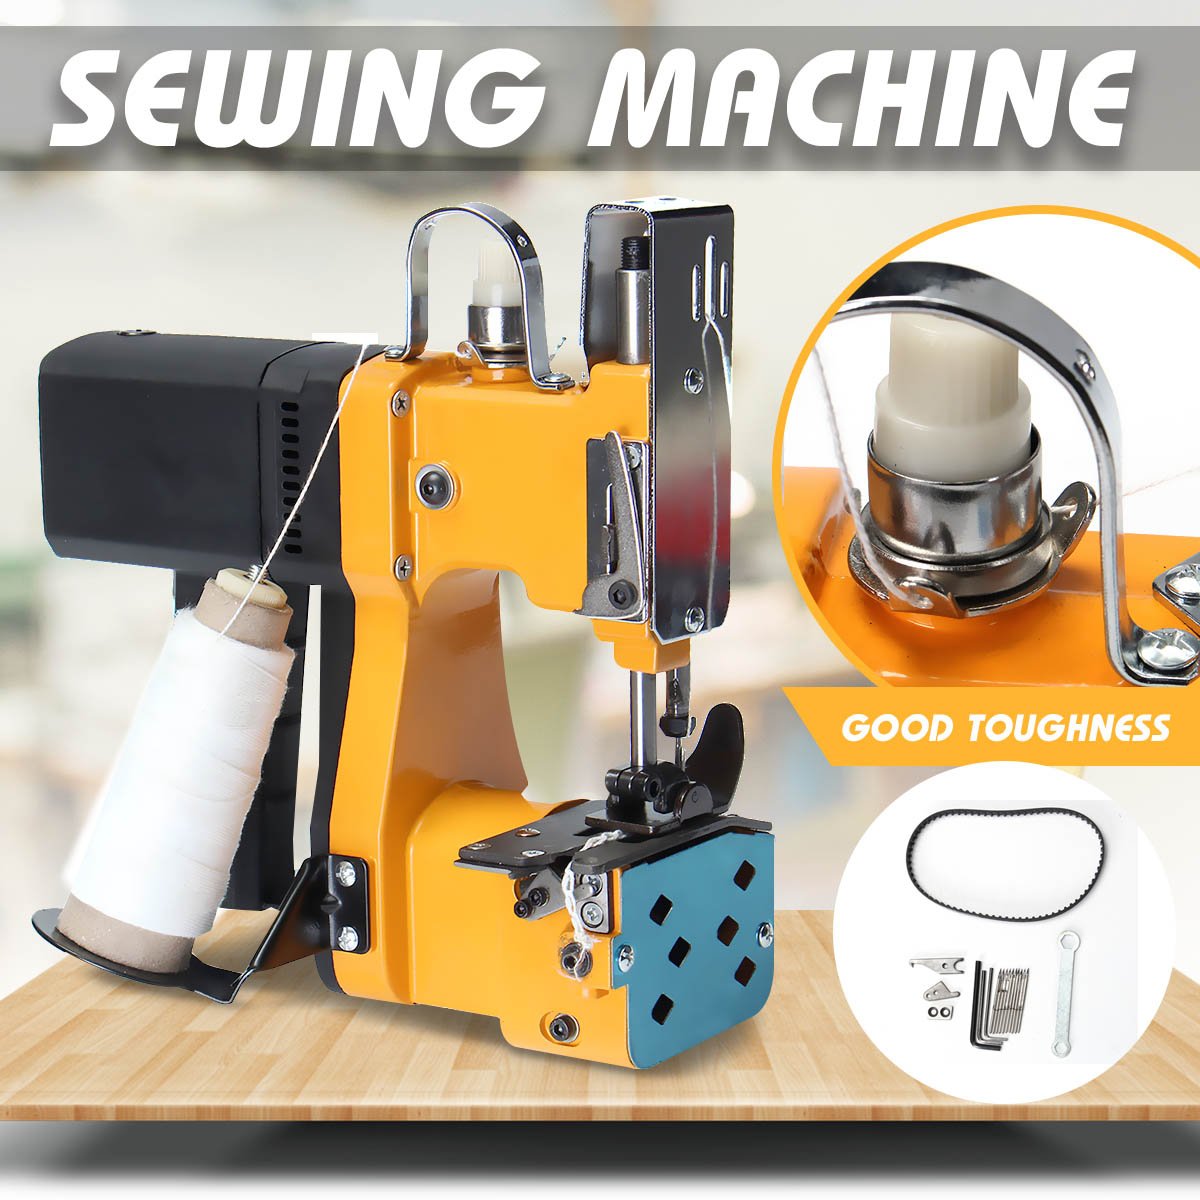 220 v Portable Machine À Coudre Électrique D'étanchéité Machines Kit pour La Maison Textile Industrielle Sac Portable Closer Couture Machine